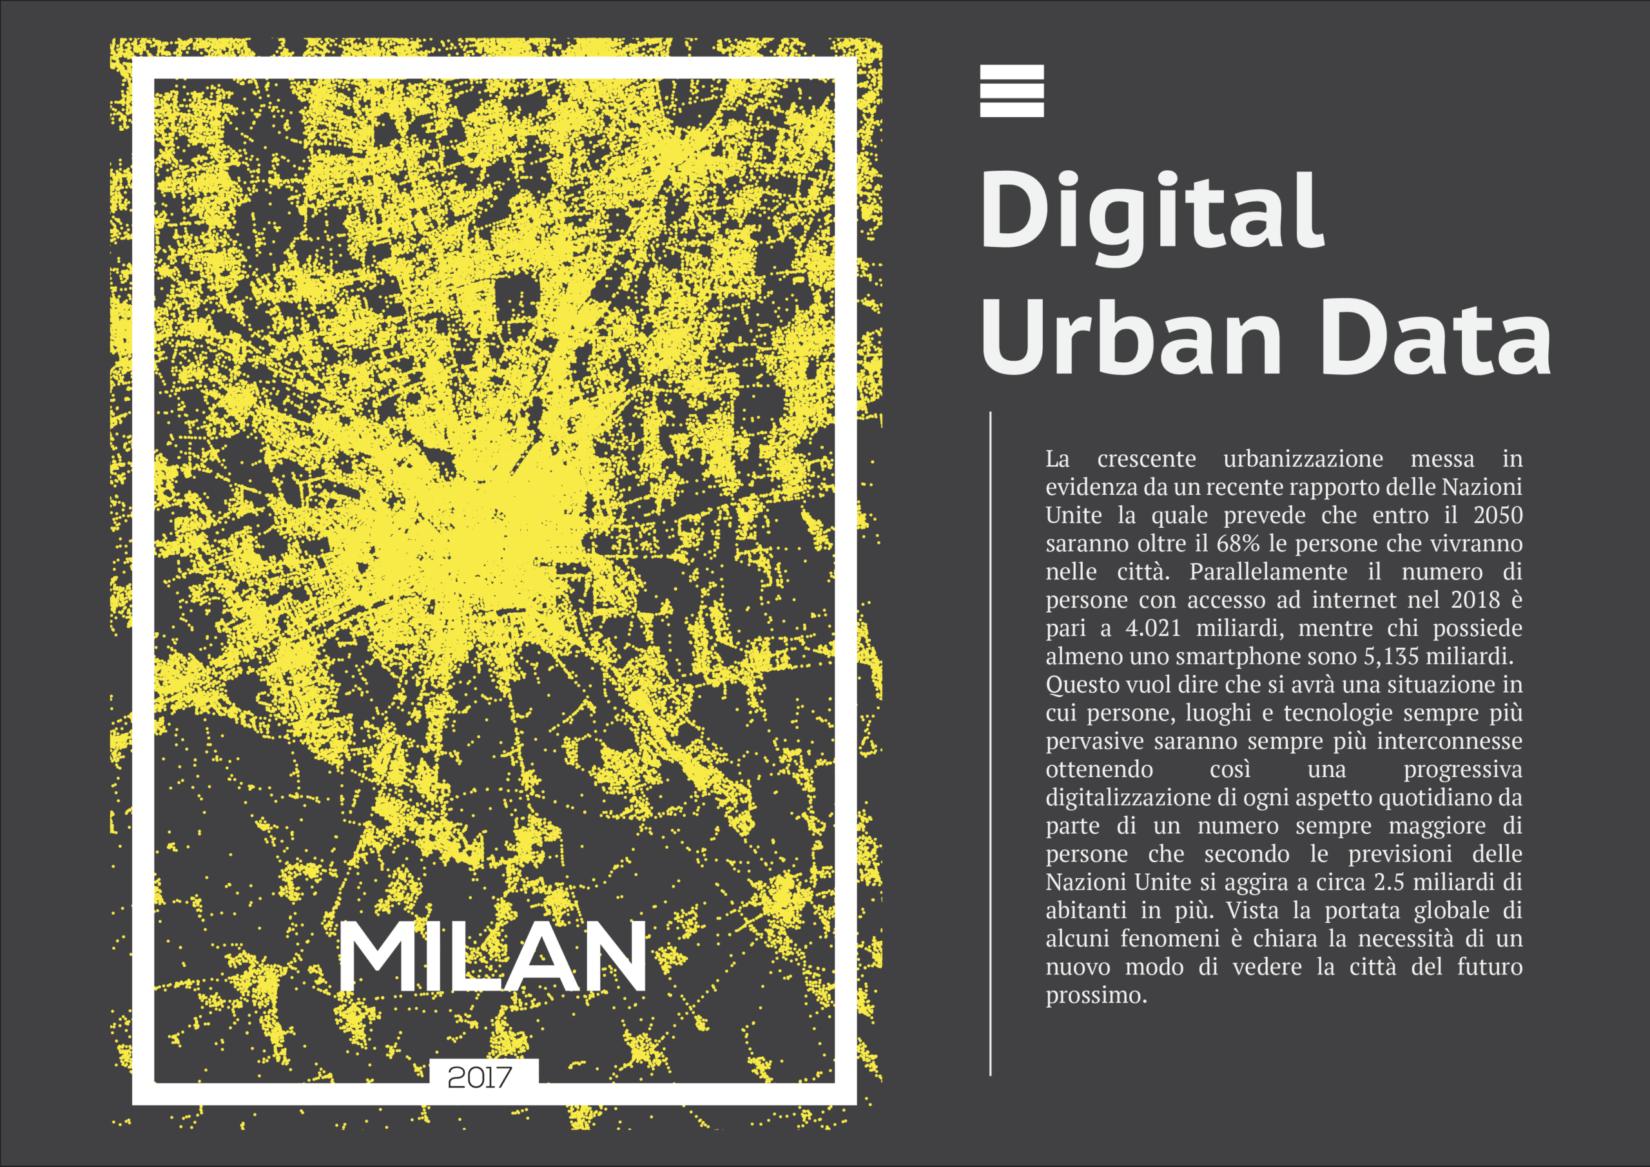 Digital Urban Data -Analisi di dati geospaziali per applicazioni di Urban Informatics: il caso dei Google Place nella città di Milano